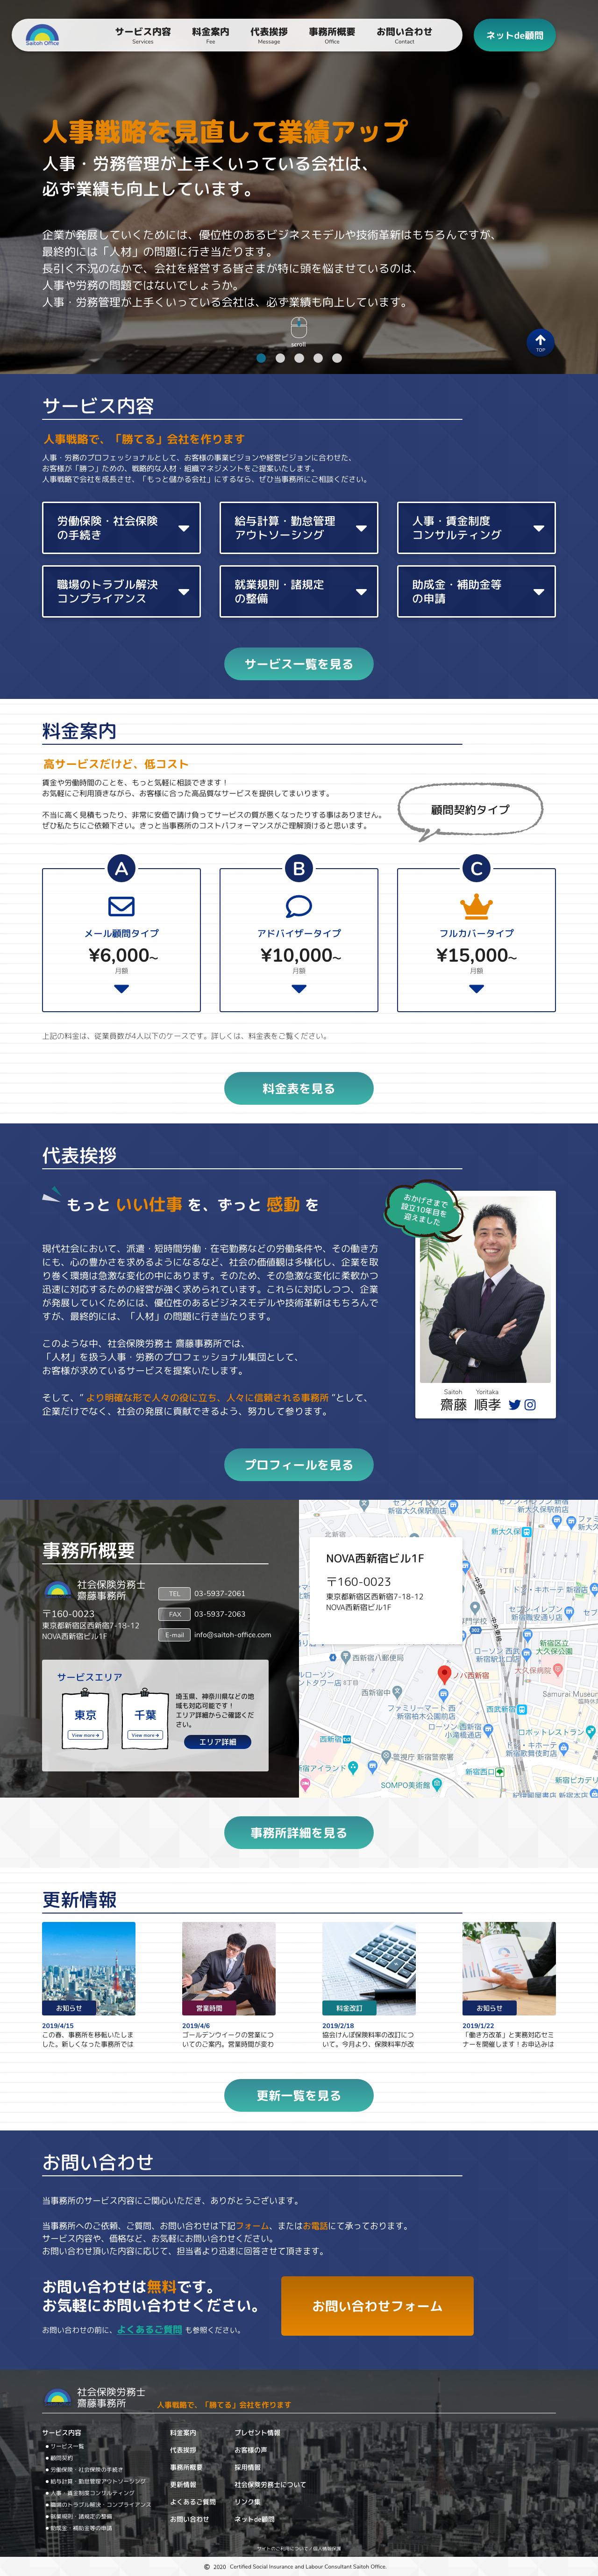 齋藤事務所PCトップページデザイン